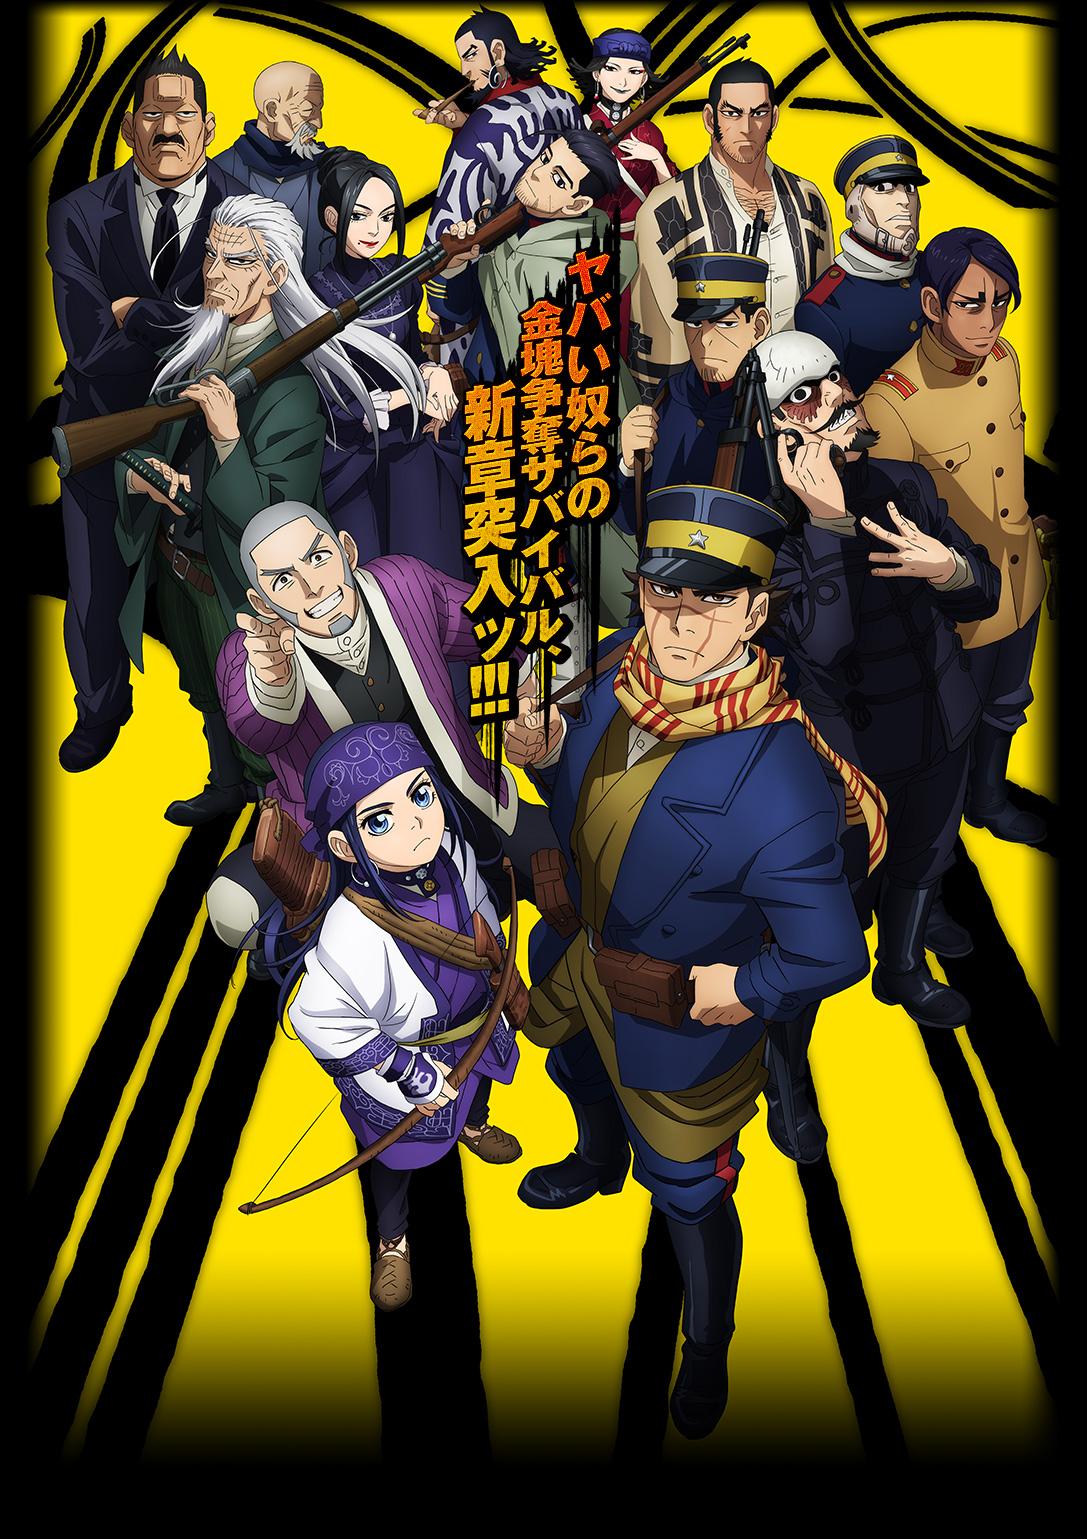 Golden Kamuy: Nuova visual per la seconda stagione!